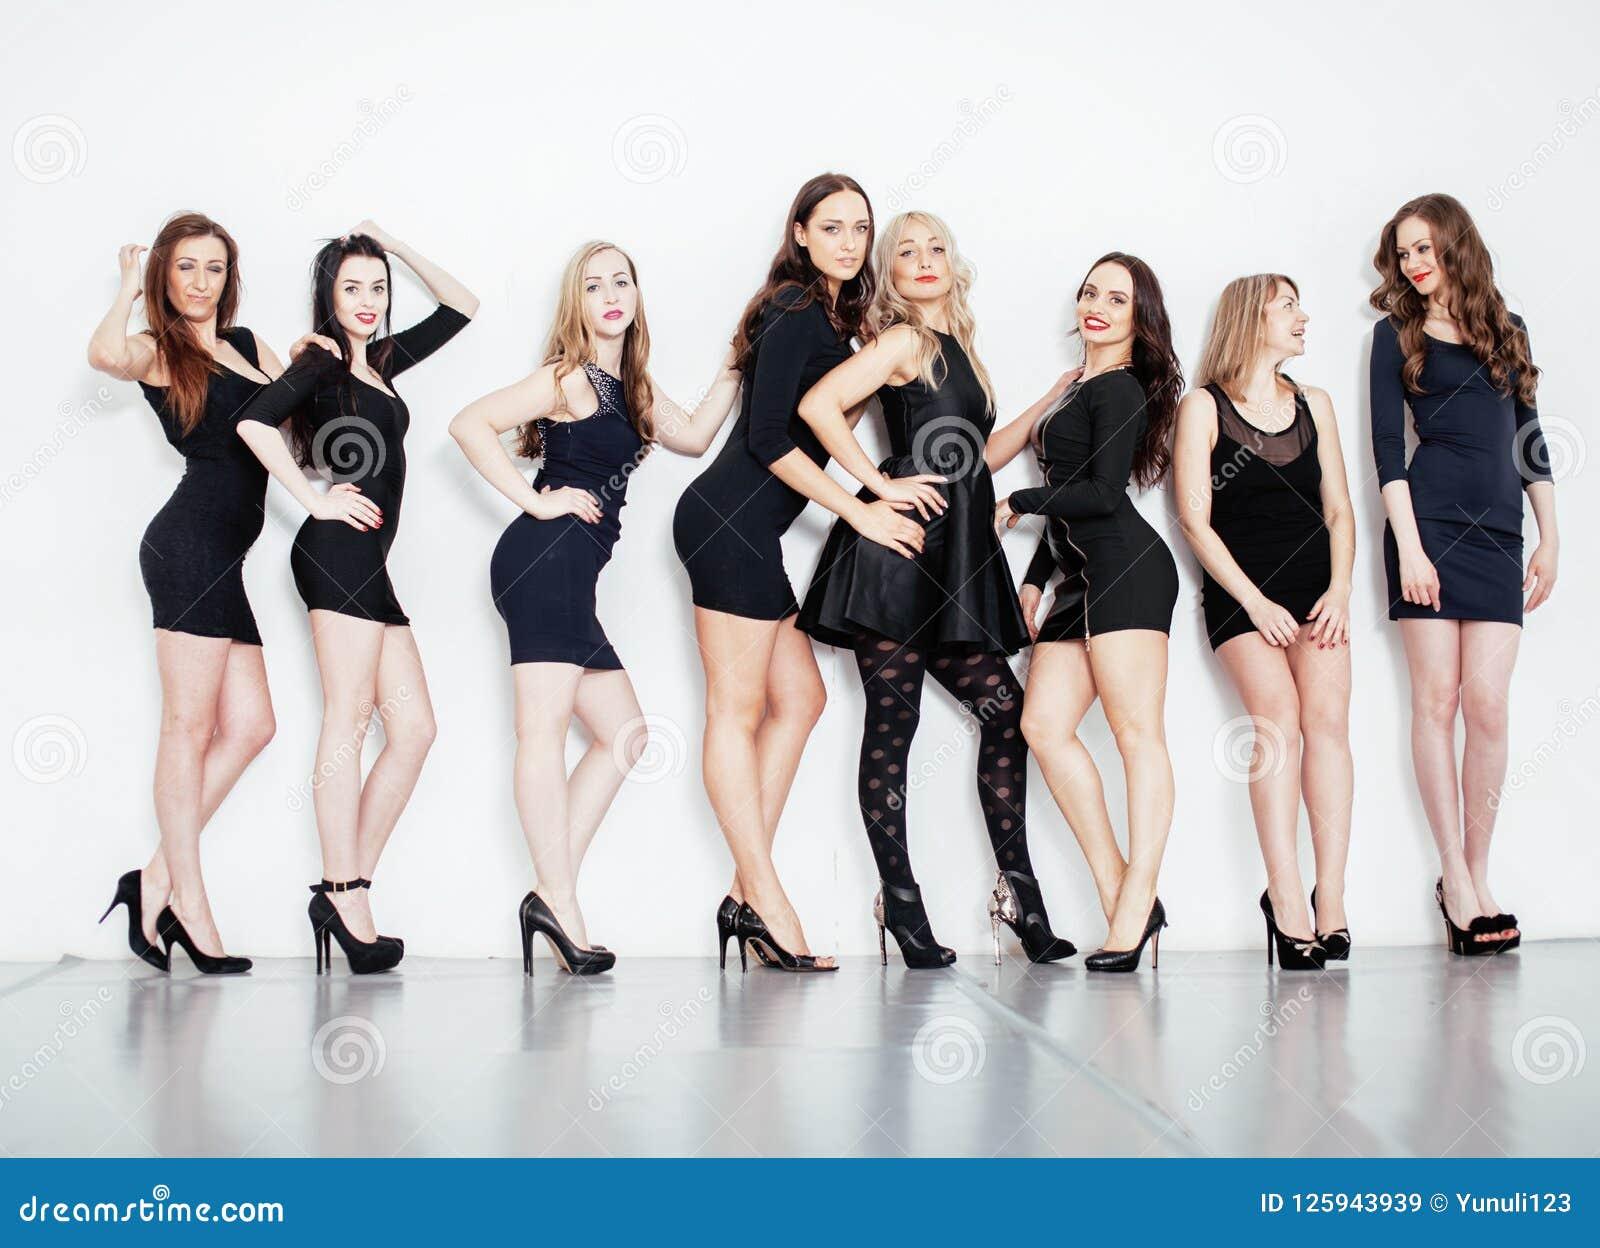 Muchas mujeres diversas en línea, pequeños vestidos negros de lujo que llevan,